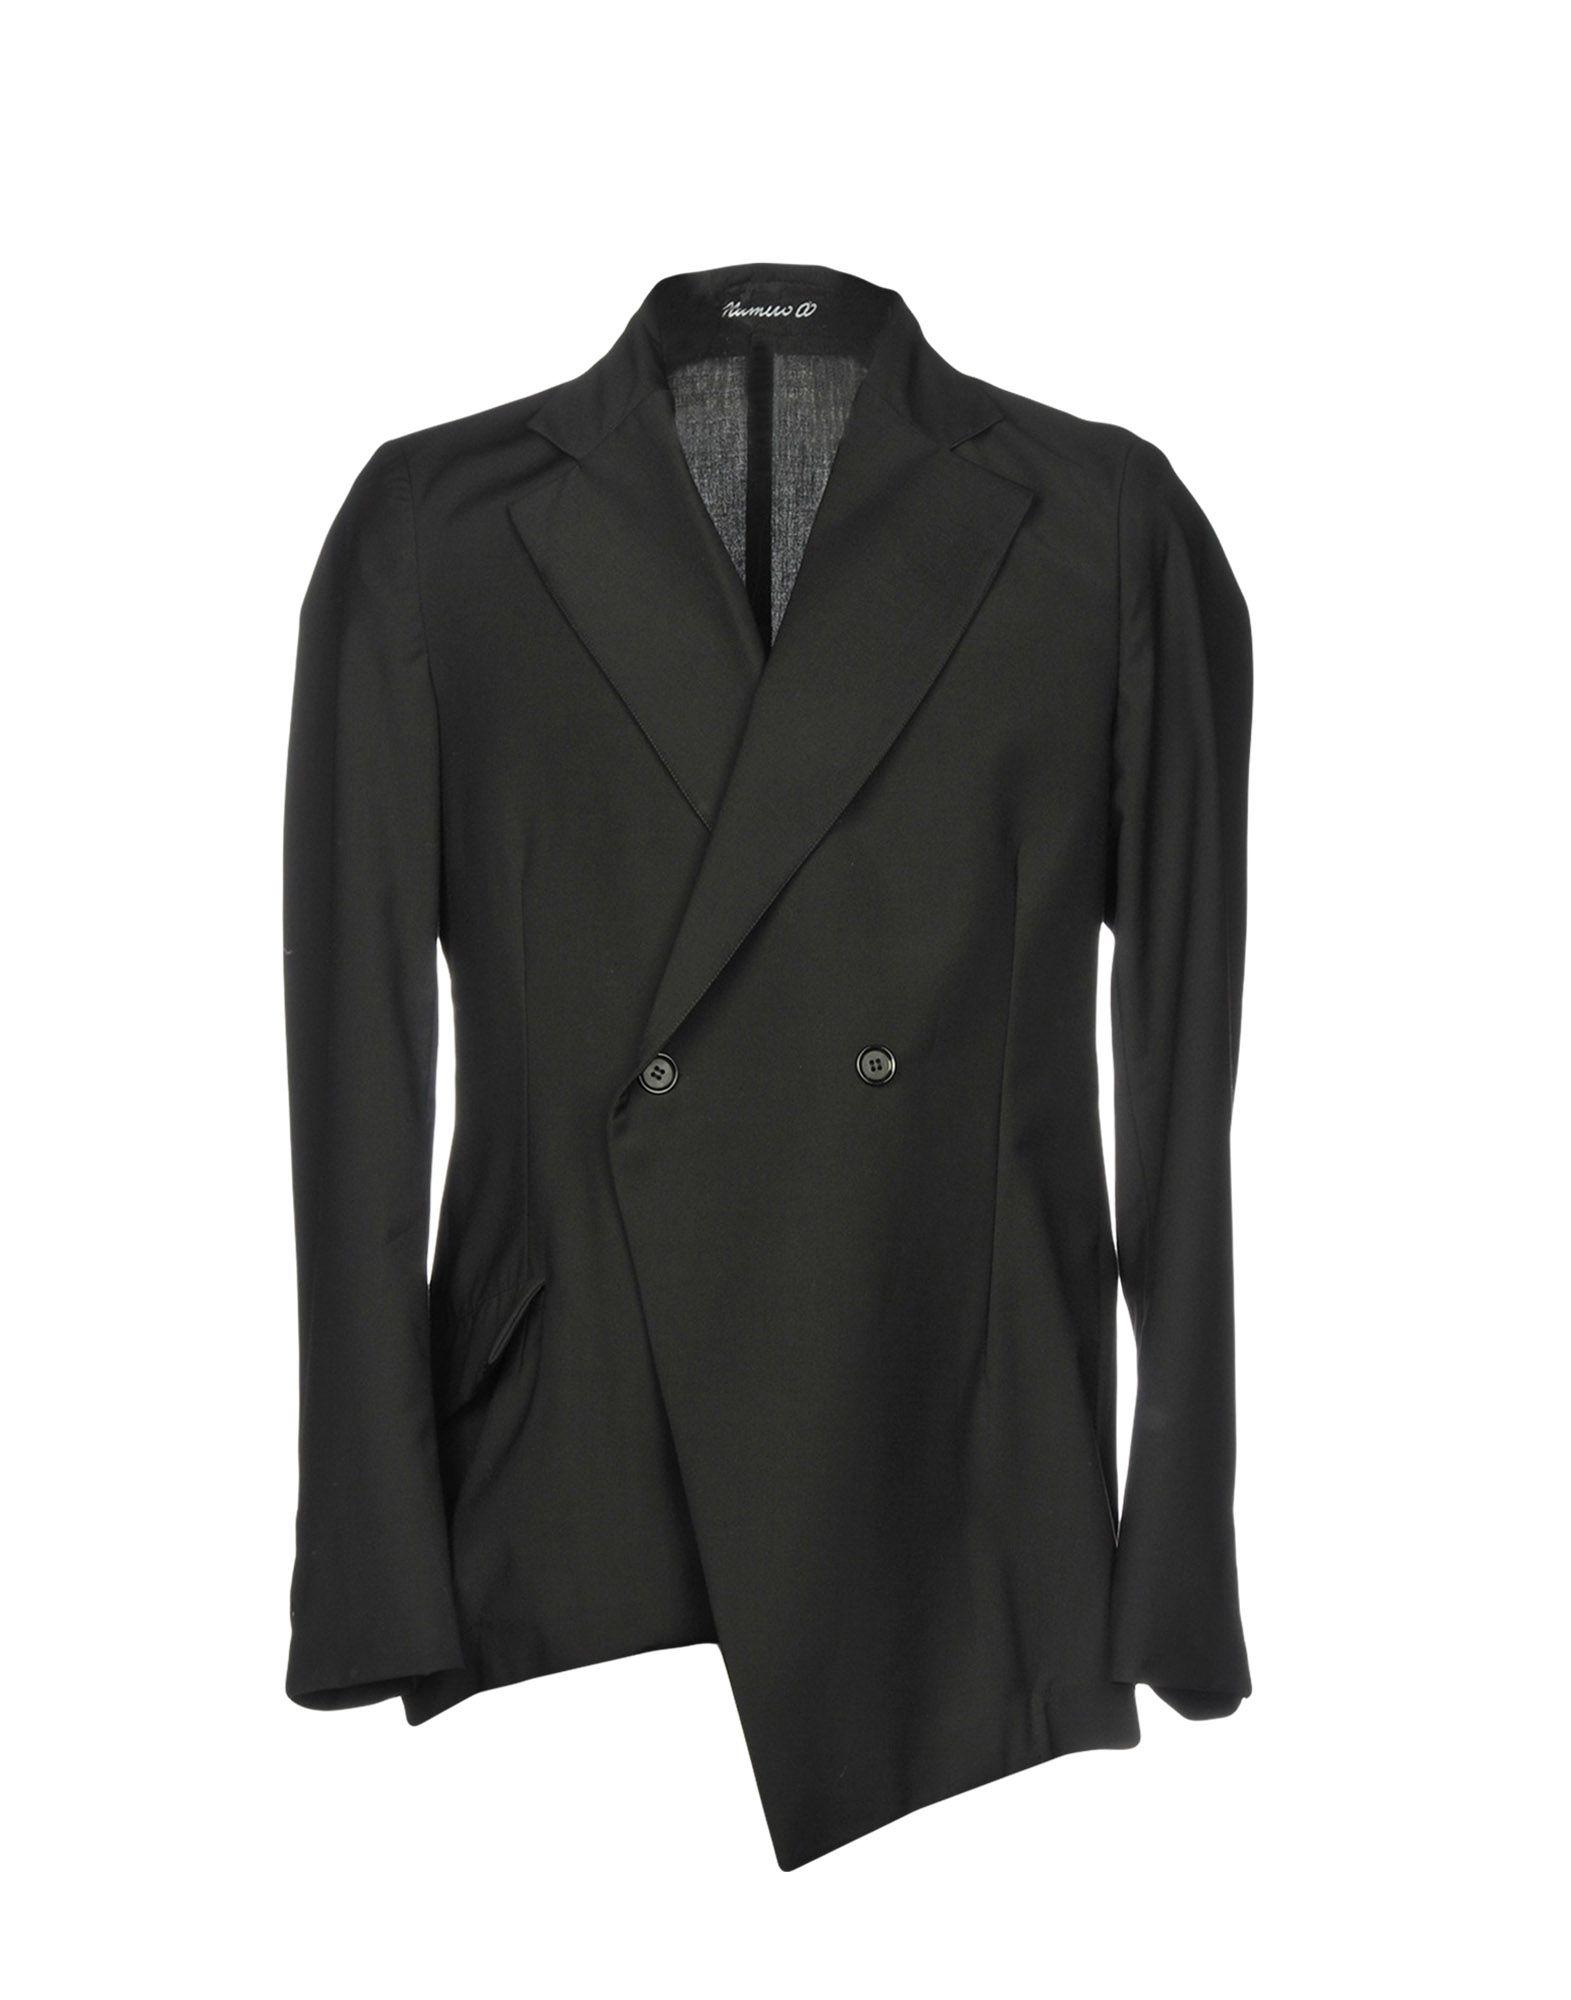 NUMERO 00 Blazer in Black